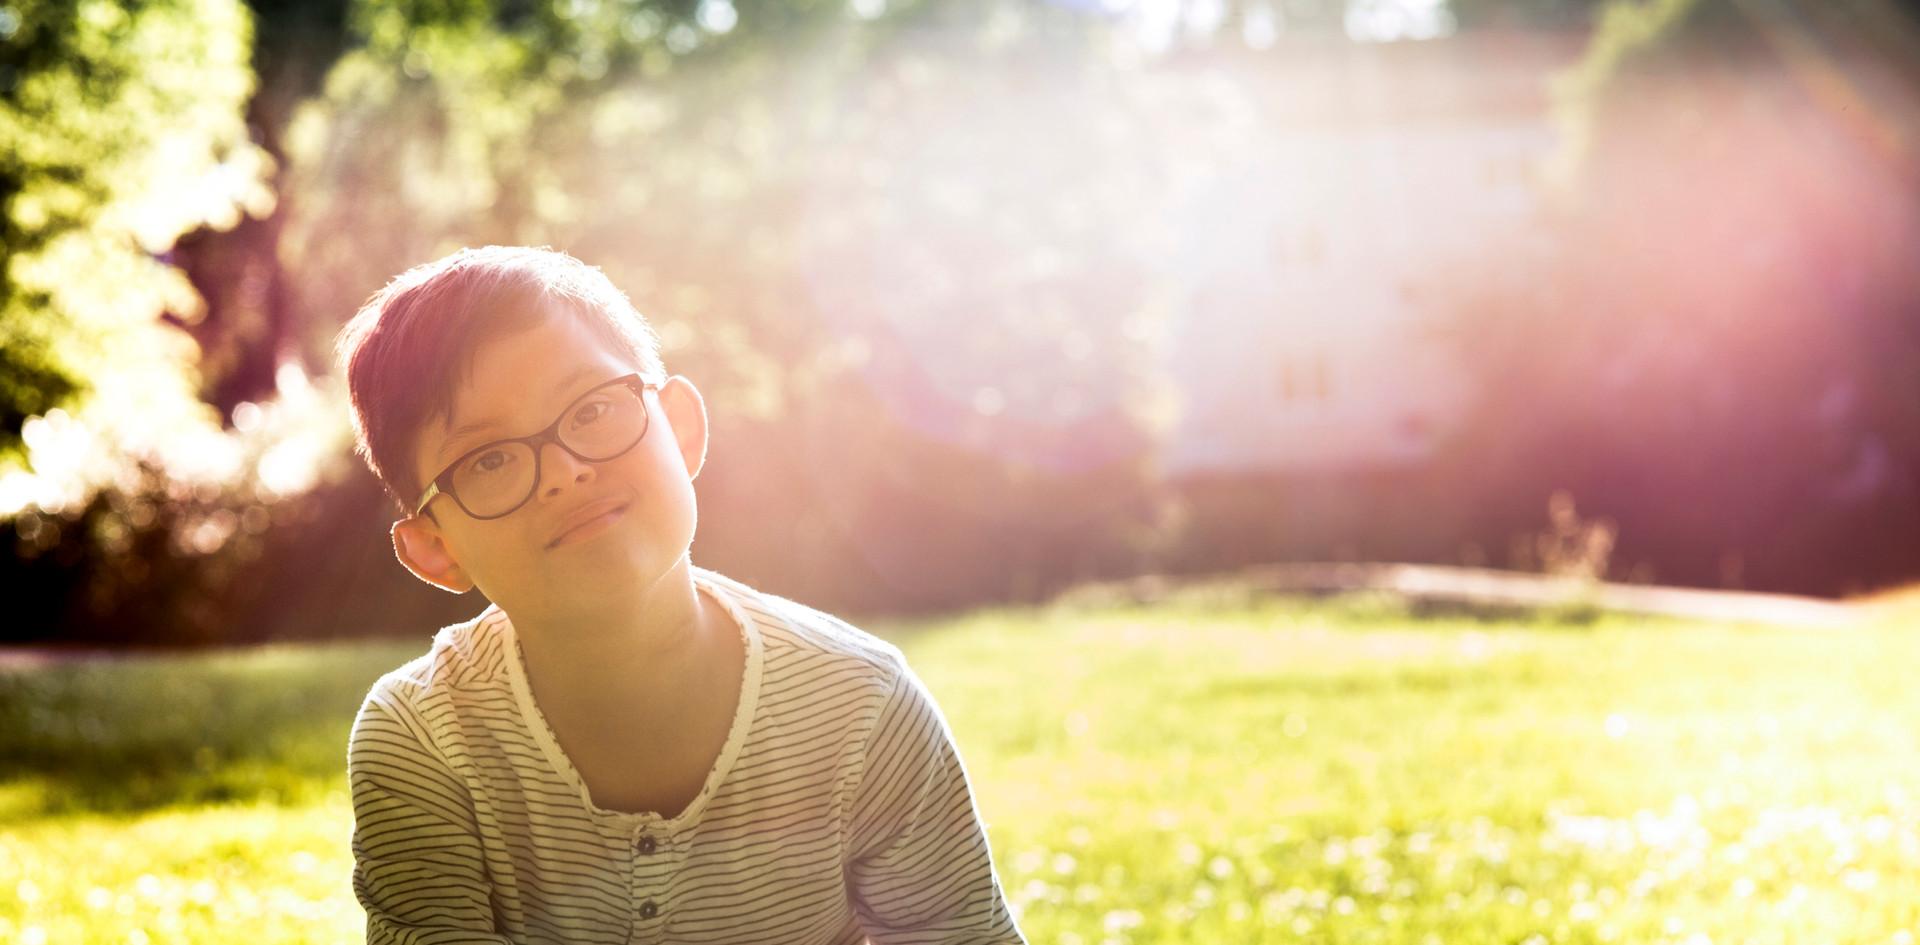 Niño sentado en la hierba